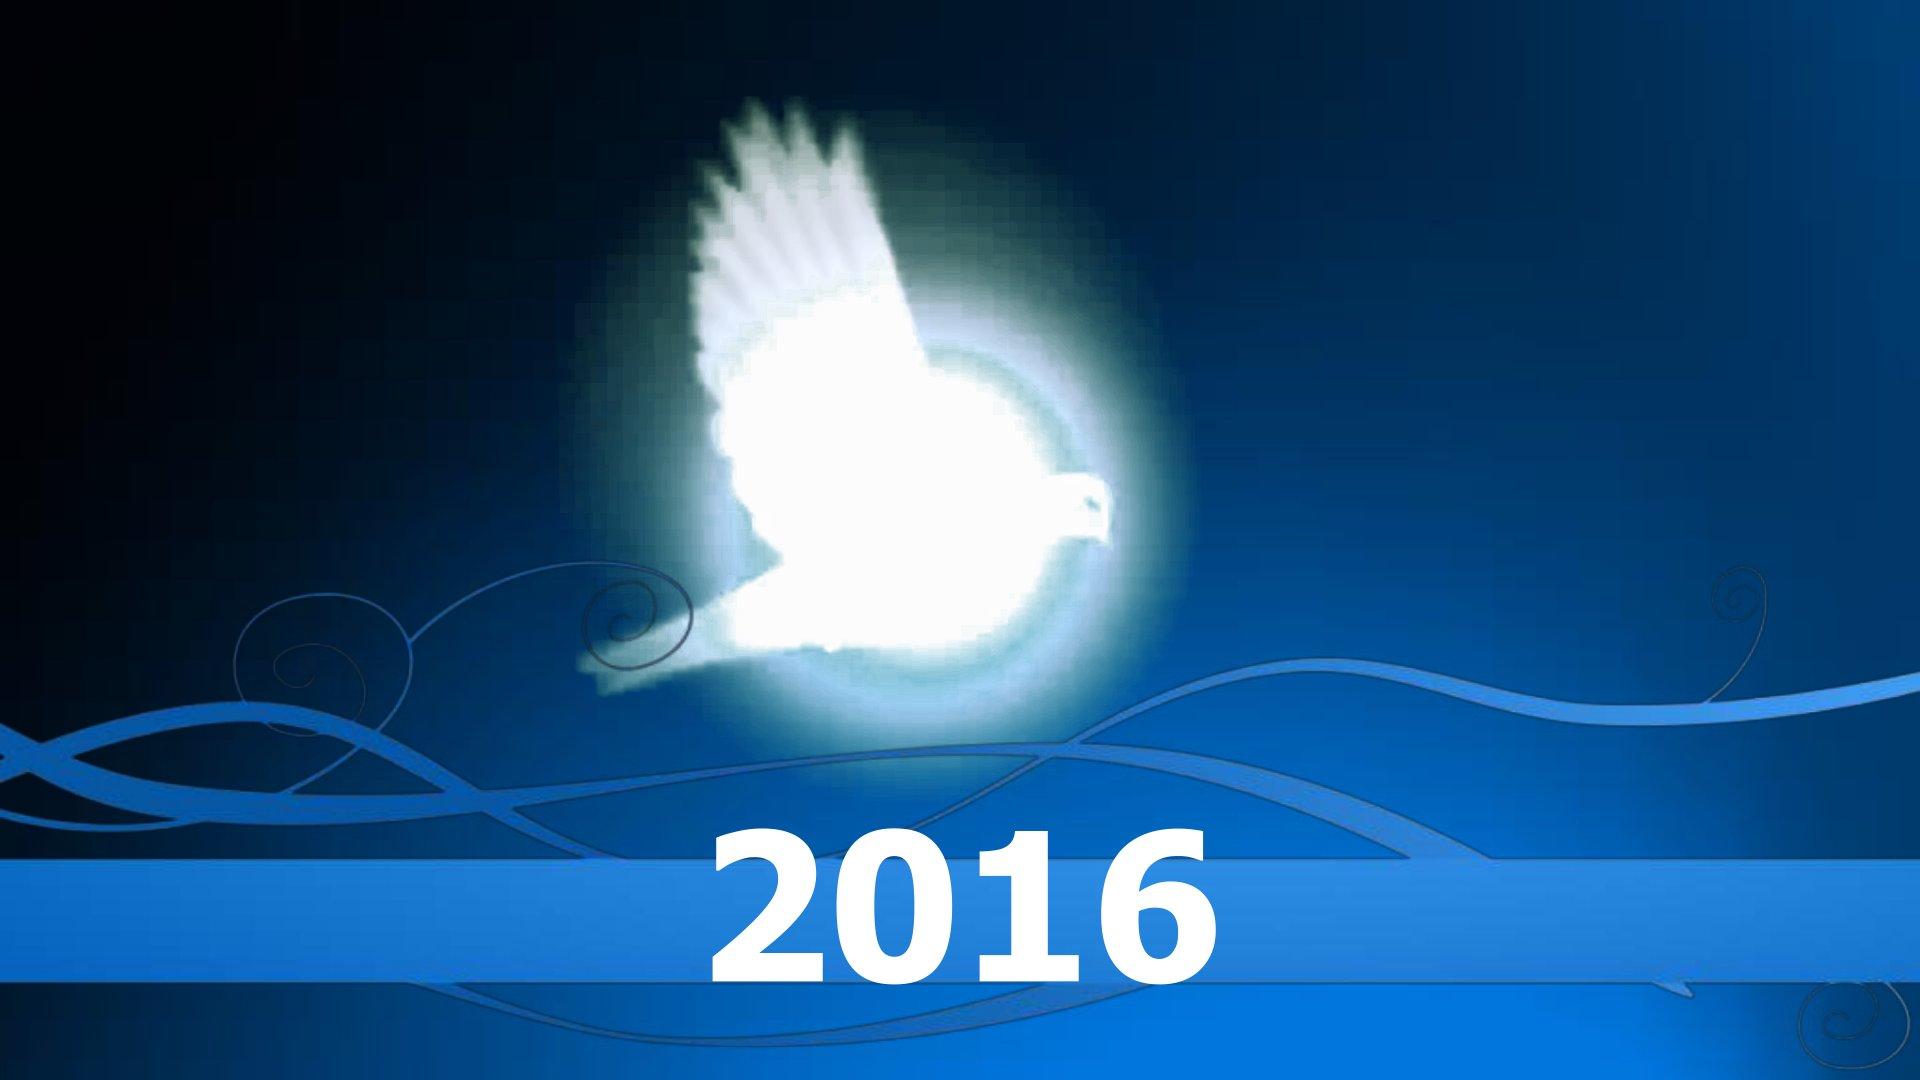 2016-frontpage-evangelicalendtimemachine